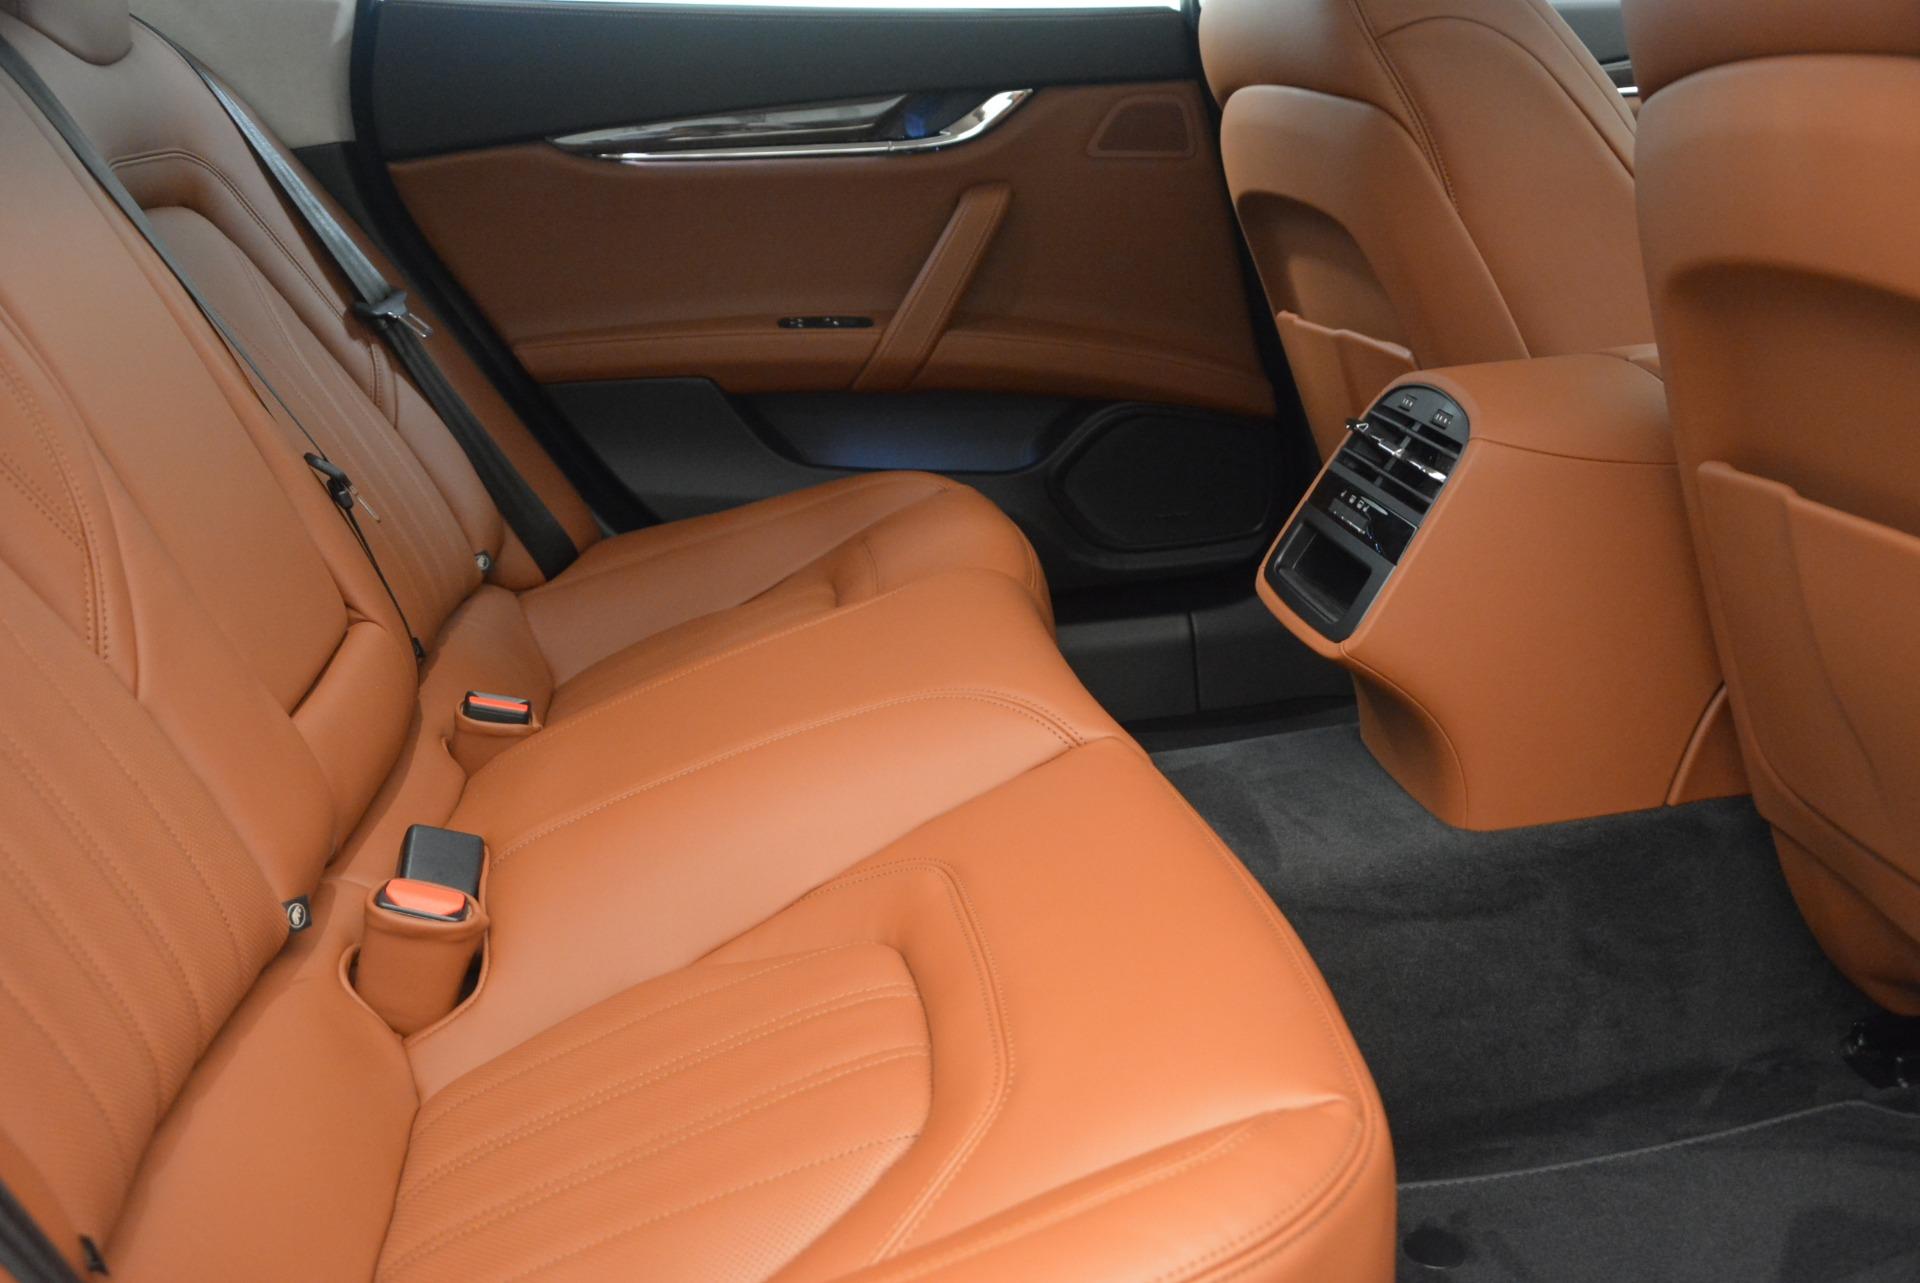 Used 2018 Maserati Quattroporte S Q4 GranLusso For Sale In Westport, CT 1572_p22